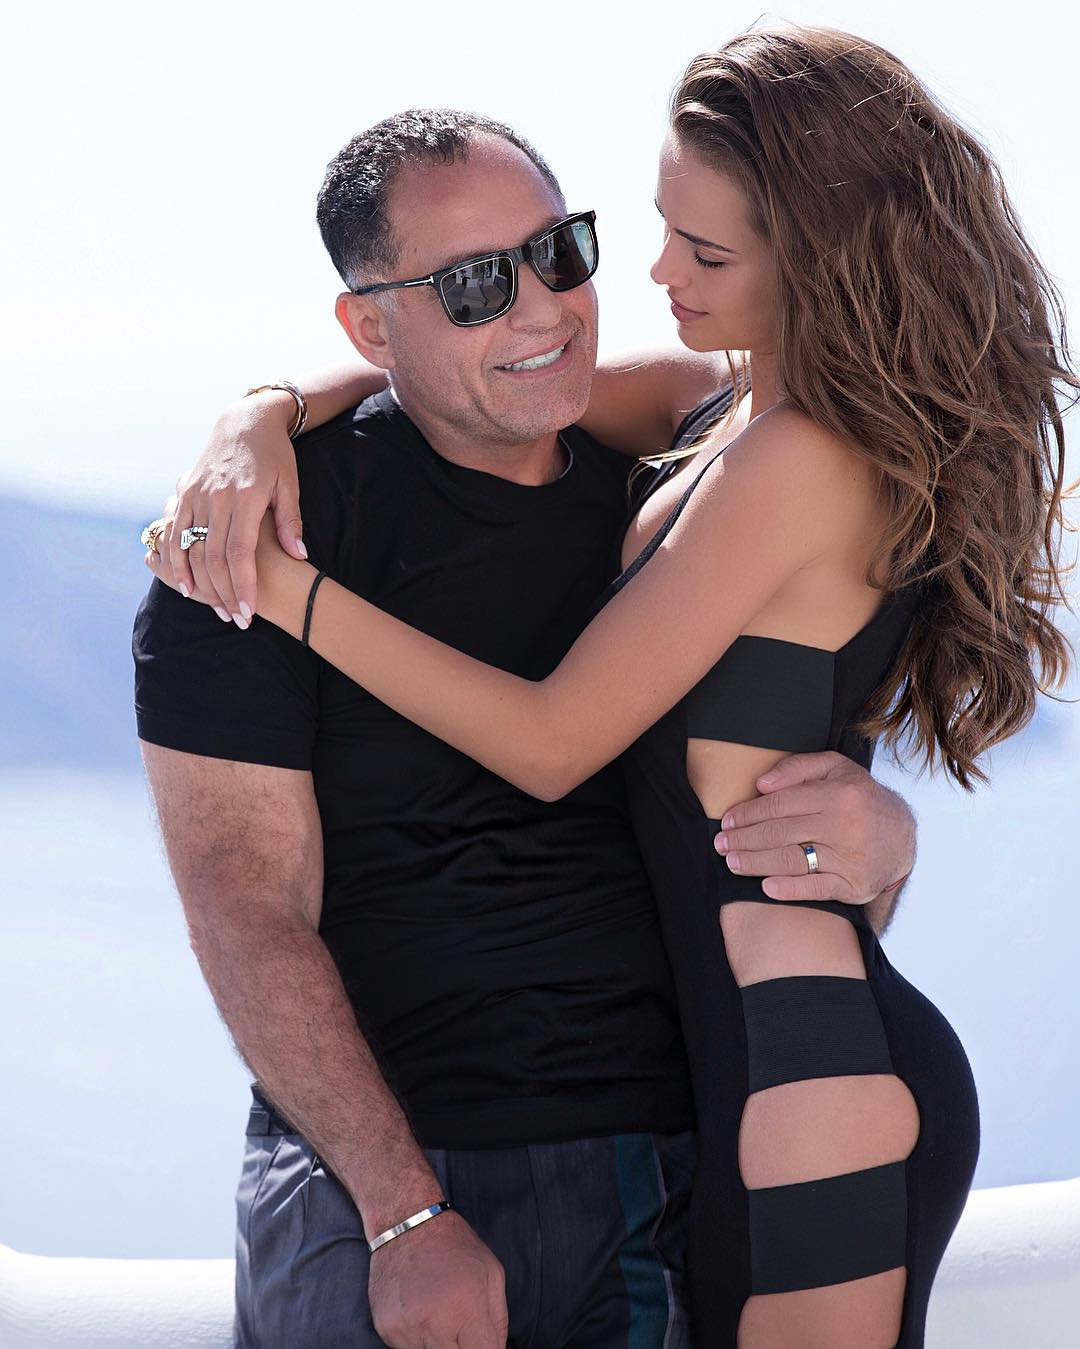 Любви все возрасты покорны: 28-летняя звезда Playboy беременна от 65-летнего миллиардера